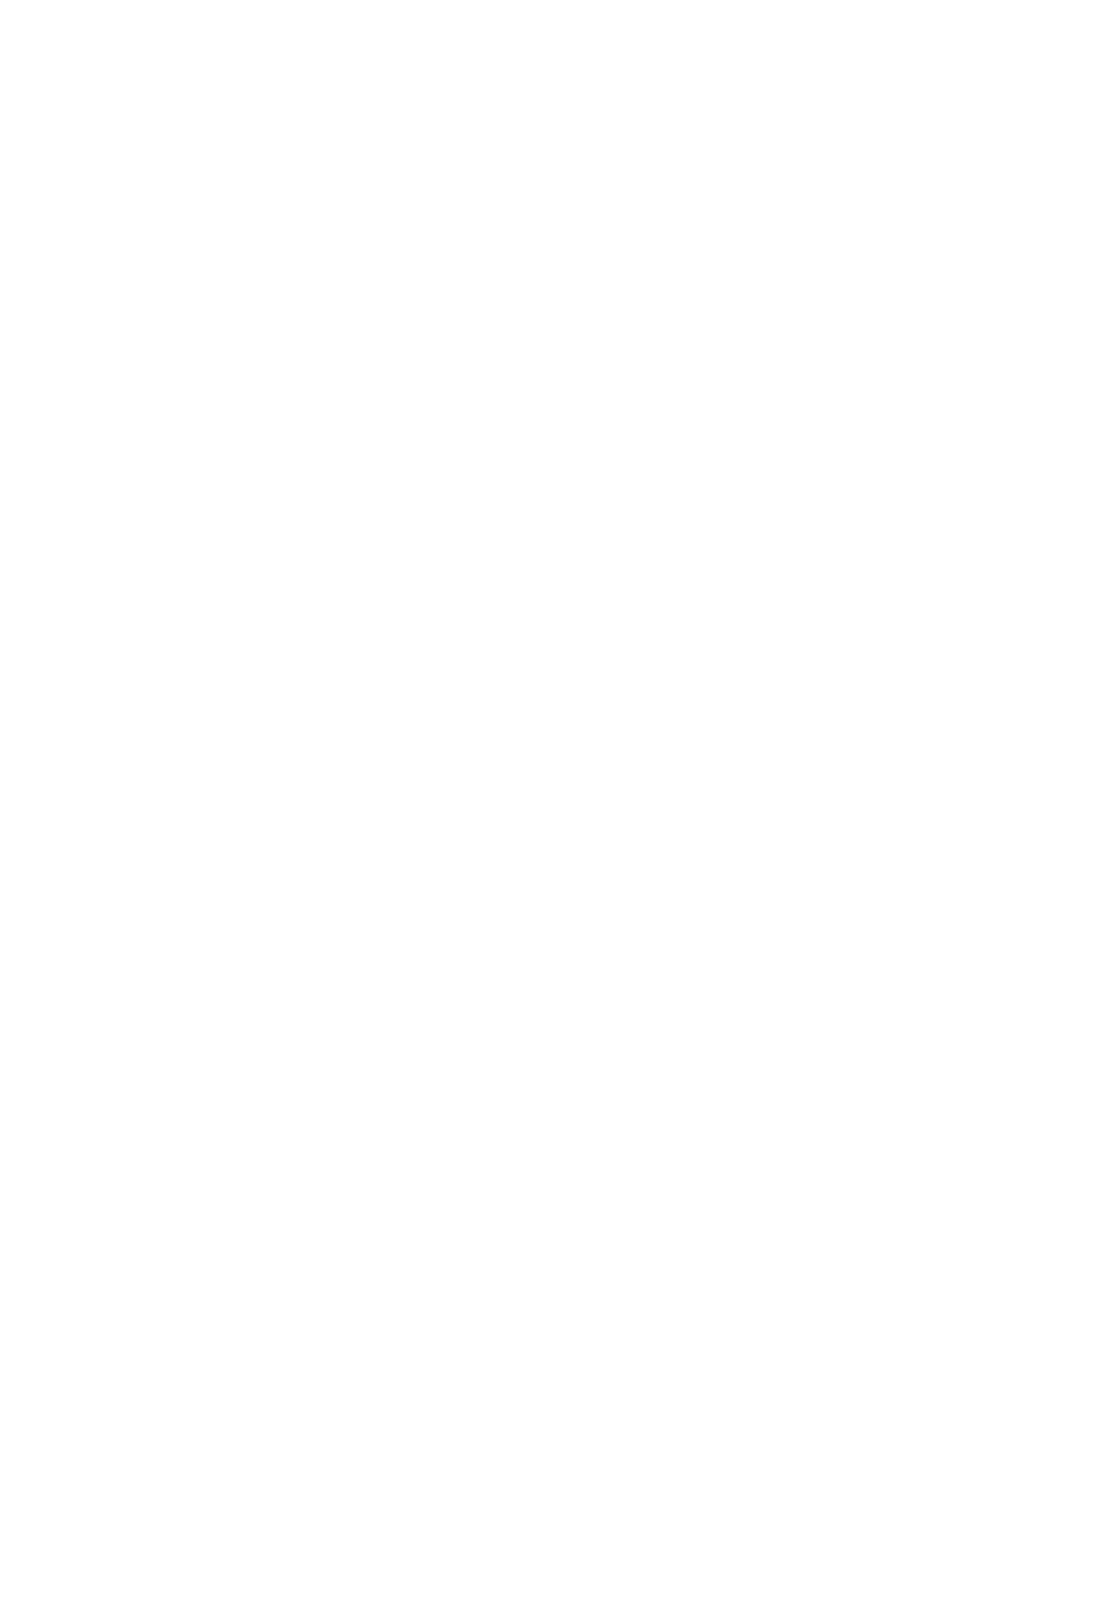 tint-drop-idbc